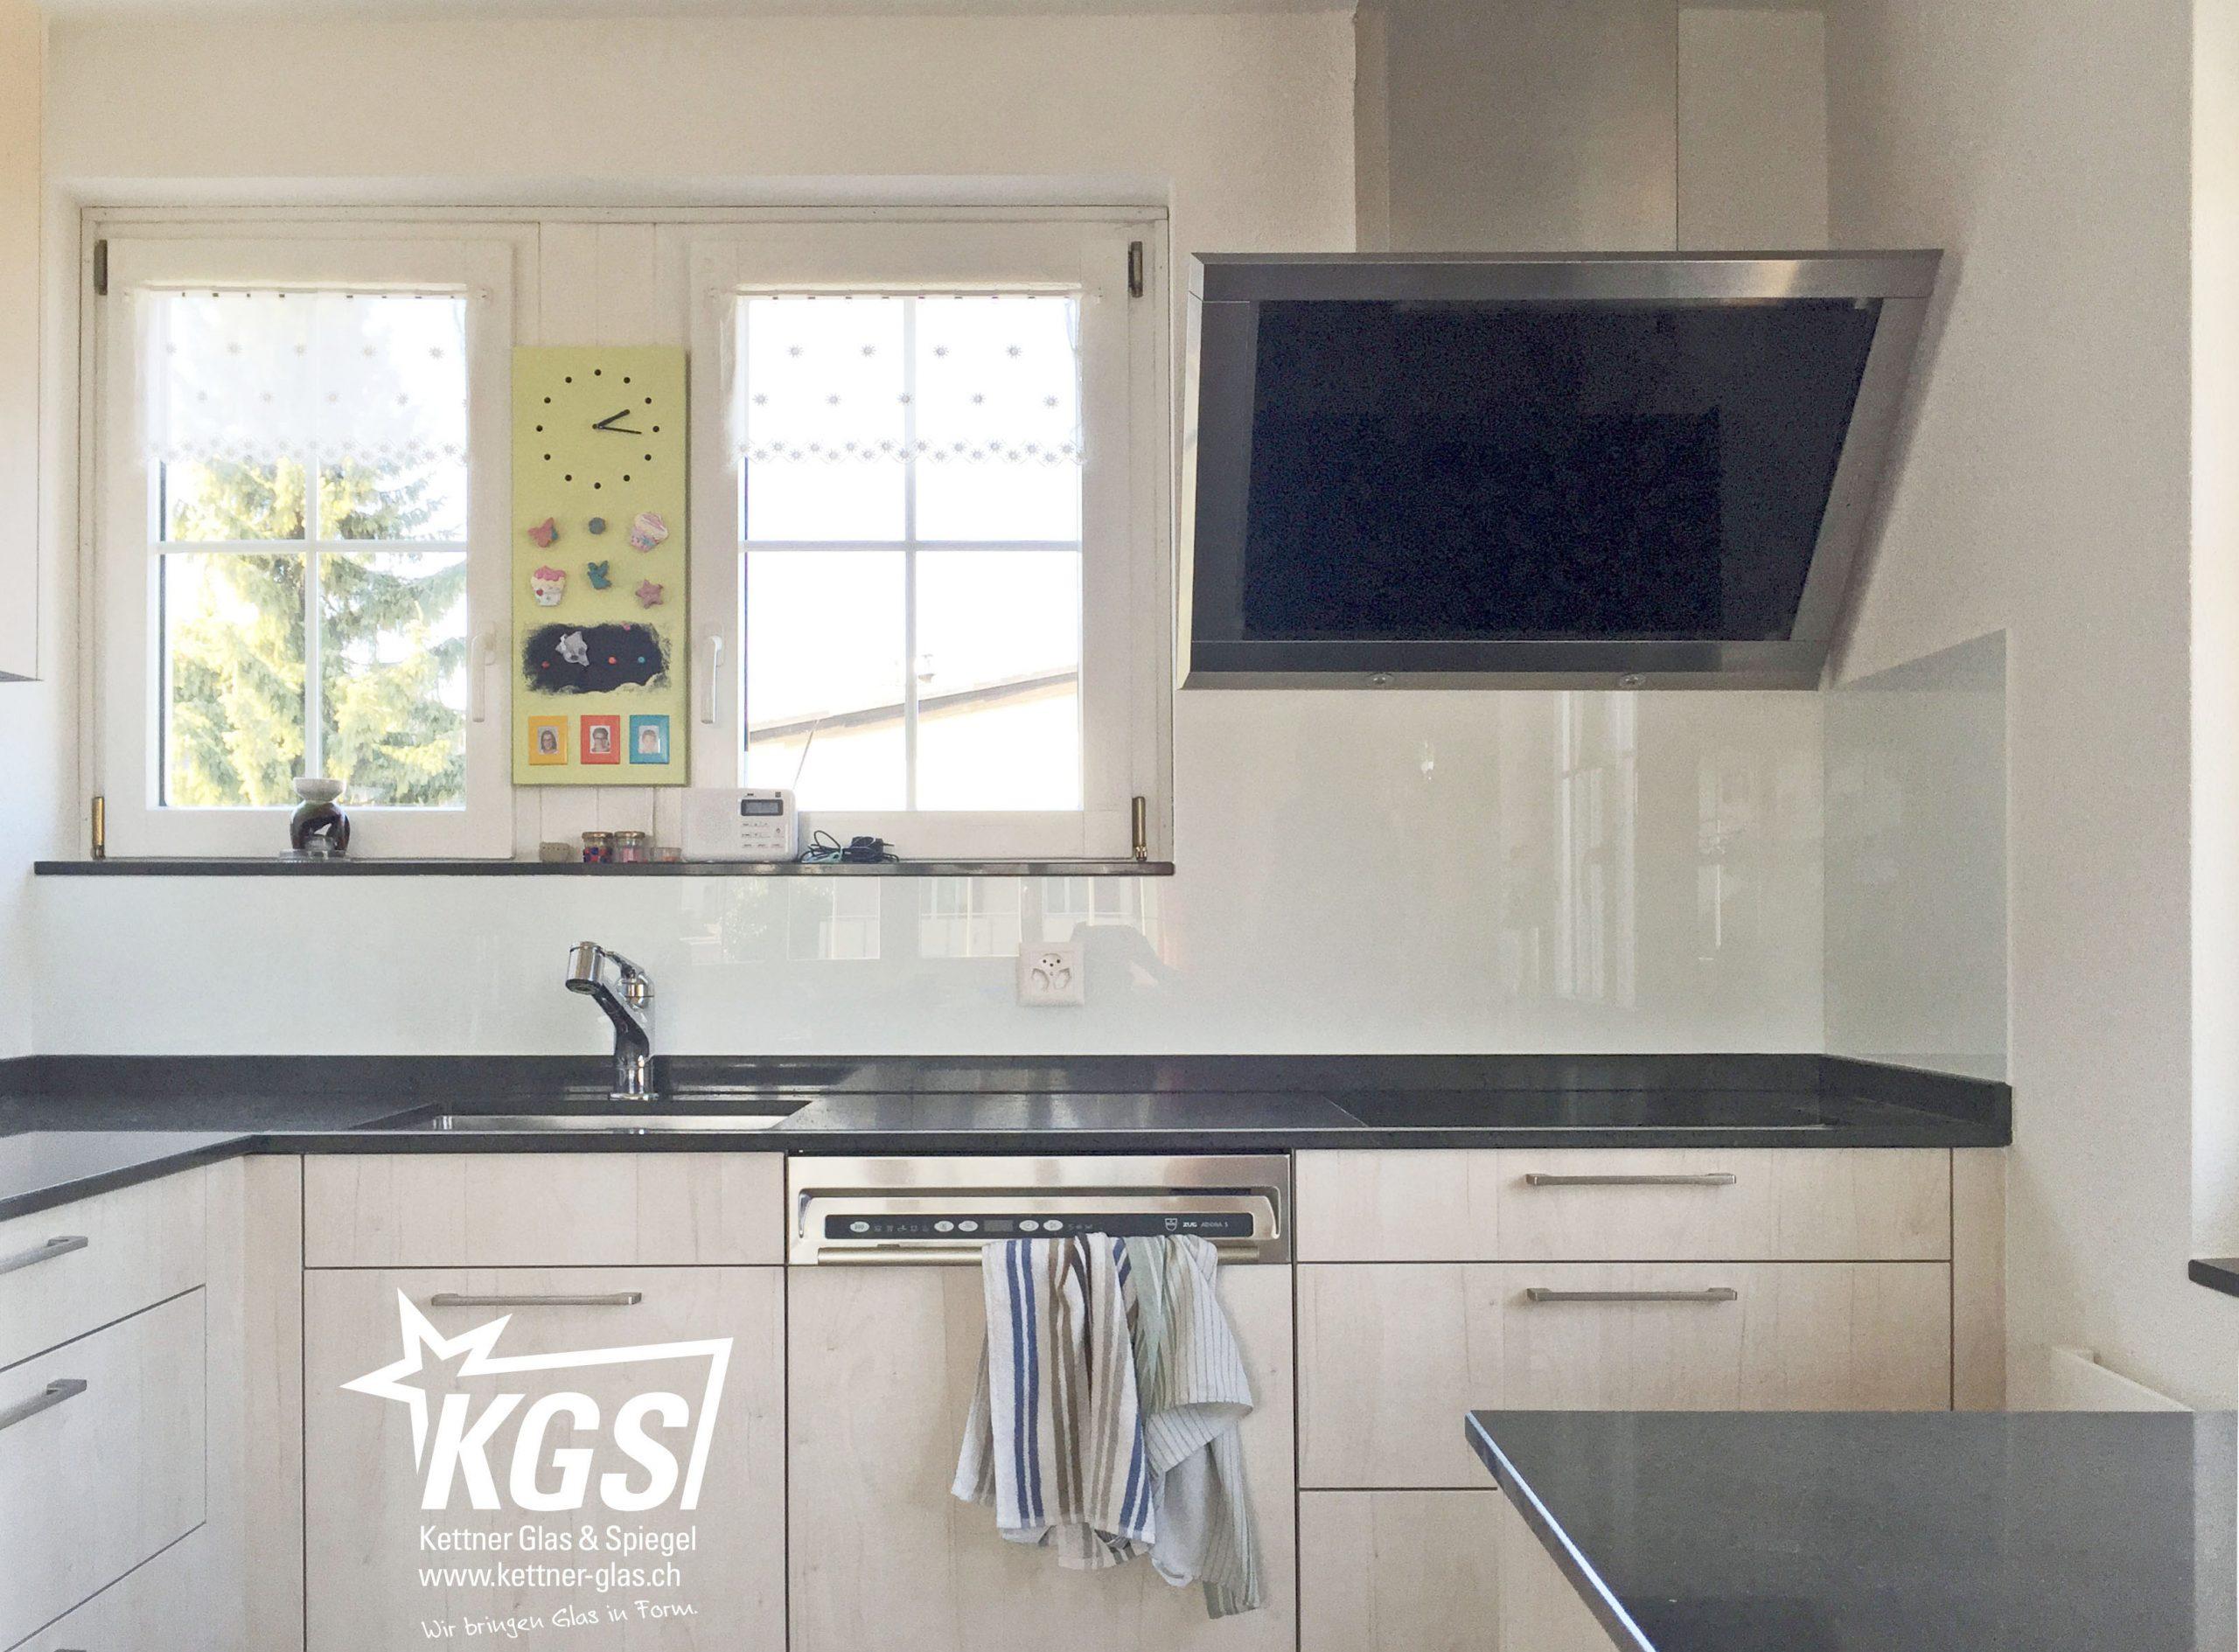 Full Size of Glaswand Küche Preis Glaswand Küche Wohnzimmer Glaswand Küche Kosten Glaswand Küche Montage Küche Glaswand Küche